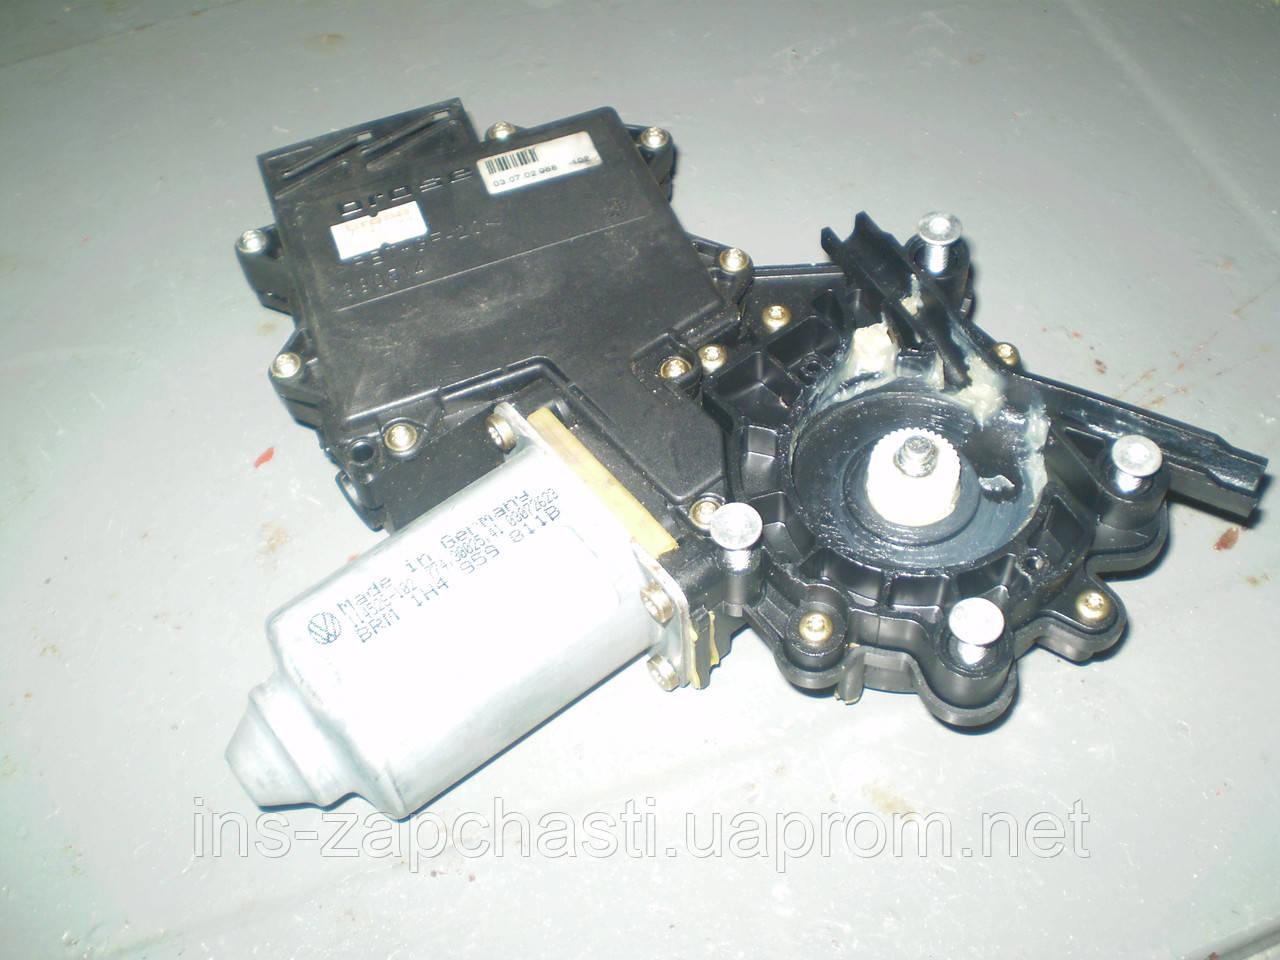 Мотор стеклоподъёмника 7M3 959 812 Sharan Alhambra YM21 14 533 BA  Galaxy 1995-2010